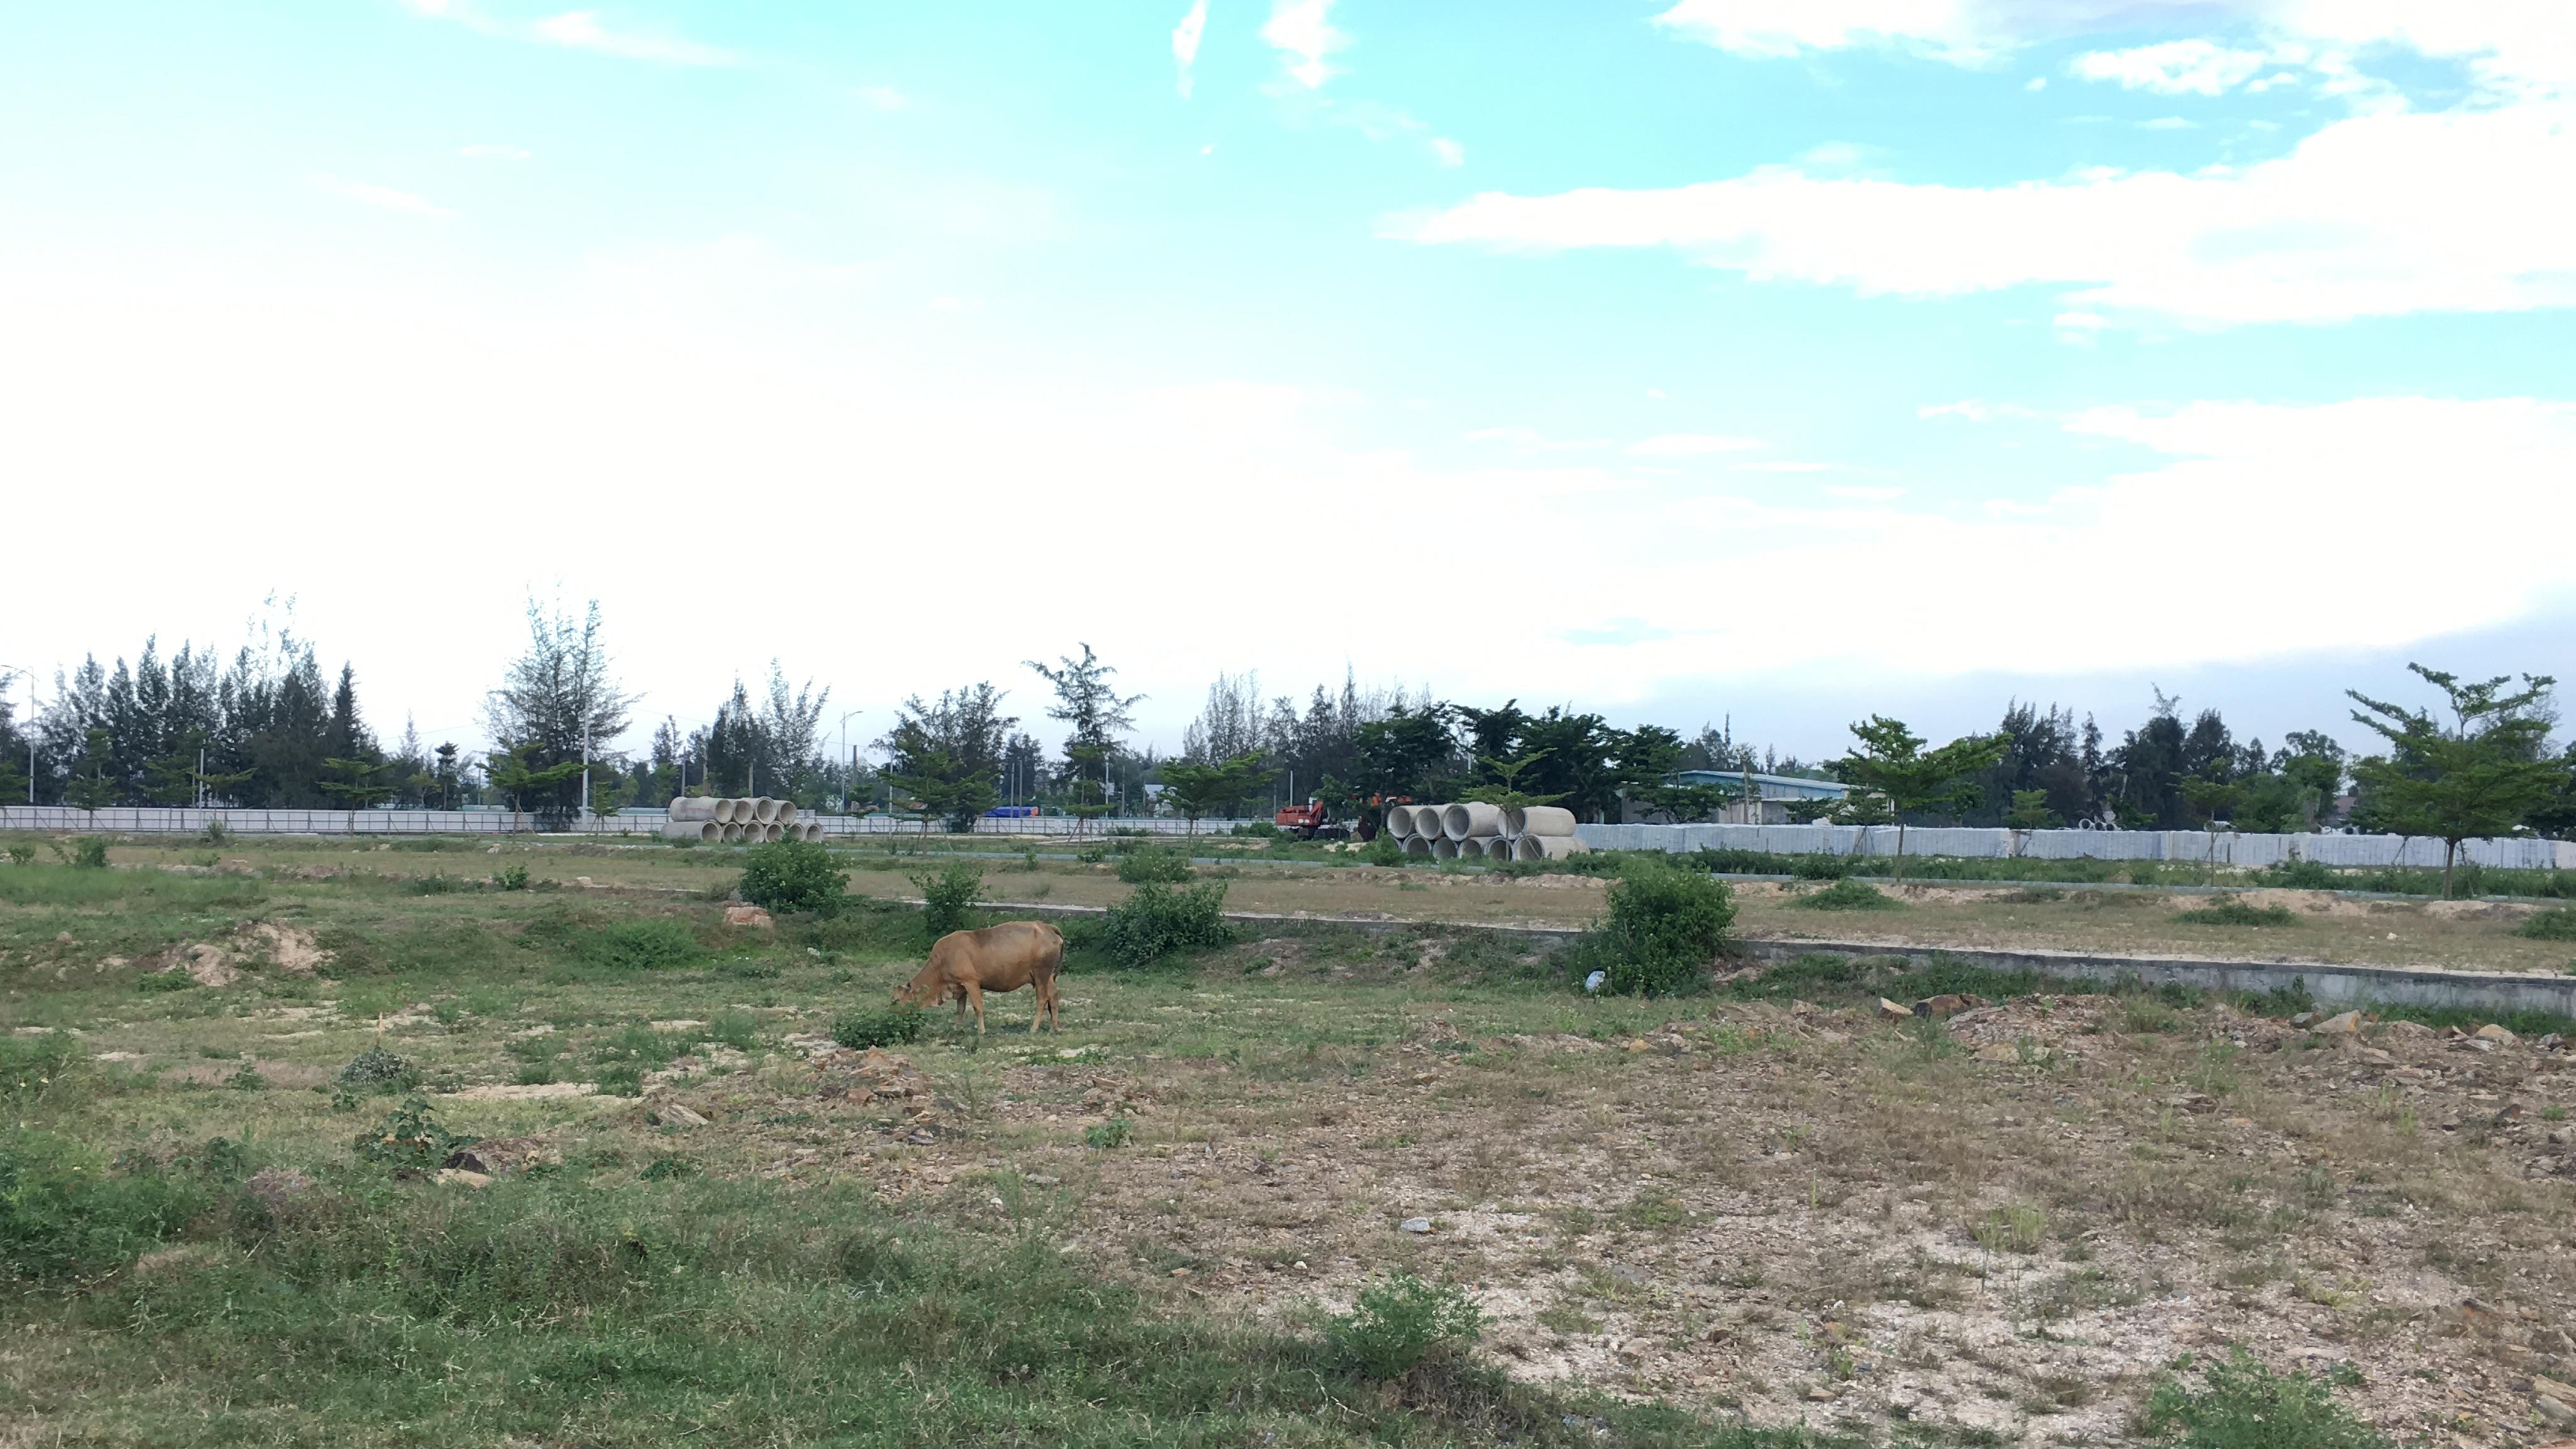 Quảng Nam: Dự án Khu đô thị 7B mở rộng hạ tầng dang dở, đang là nơi chăn thả bò - Ảnh 11.